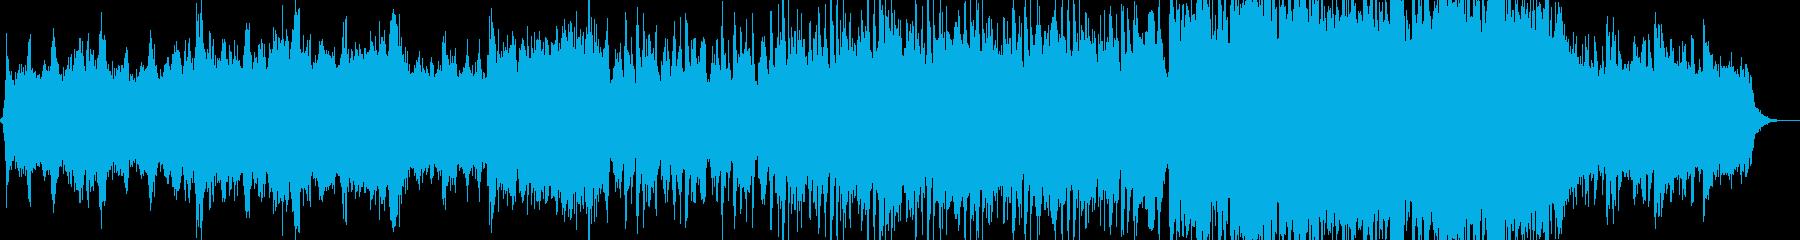 ドラゴンブレイド第7弾目です。の再生済みの波形